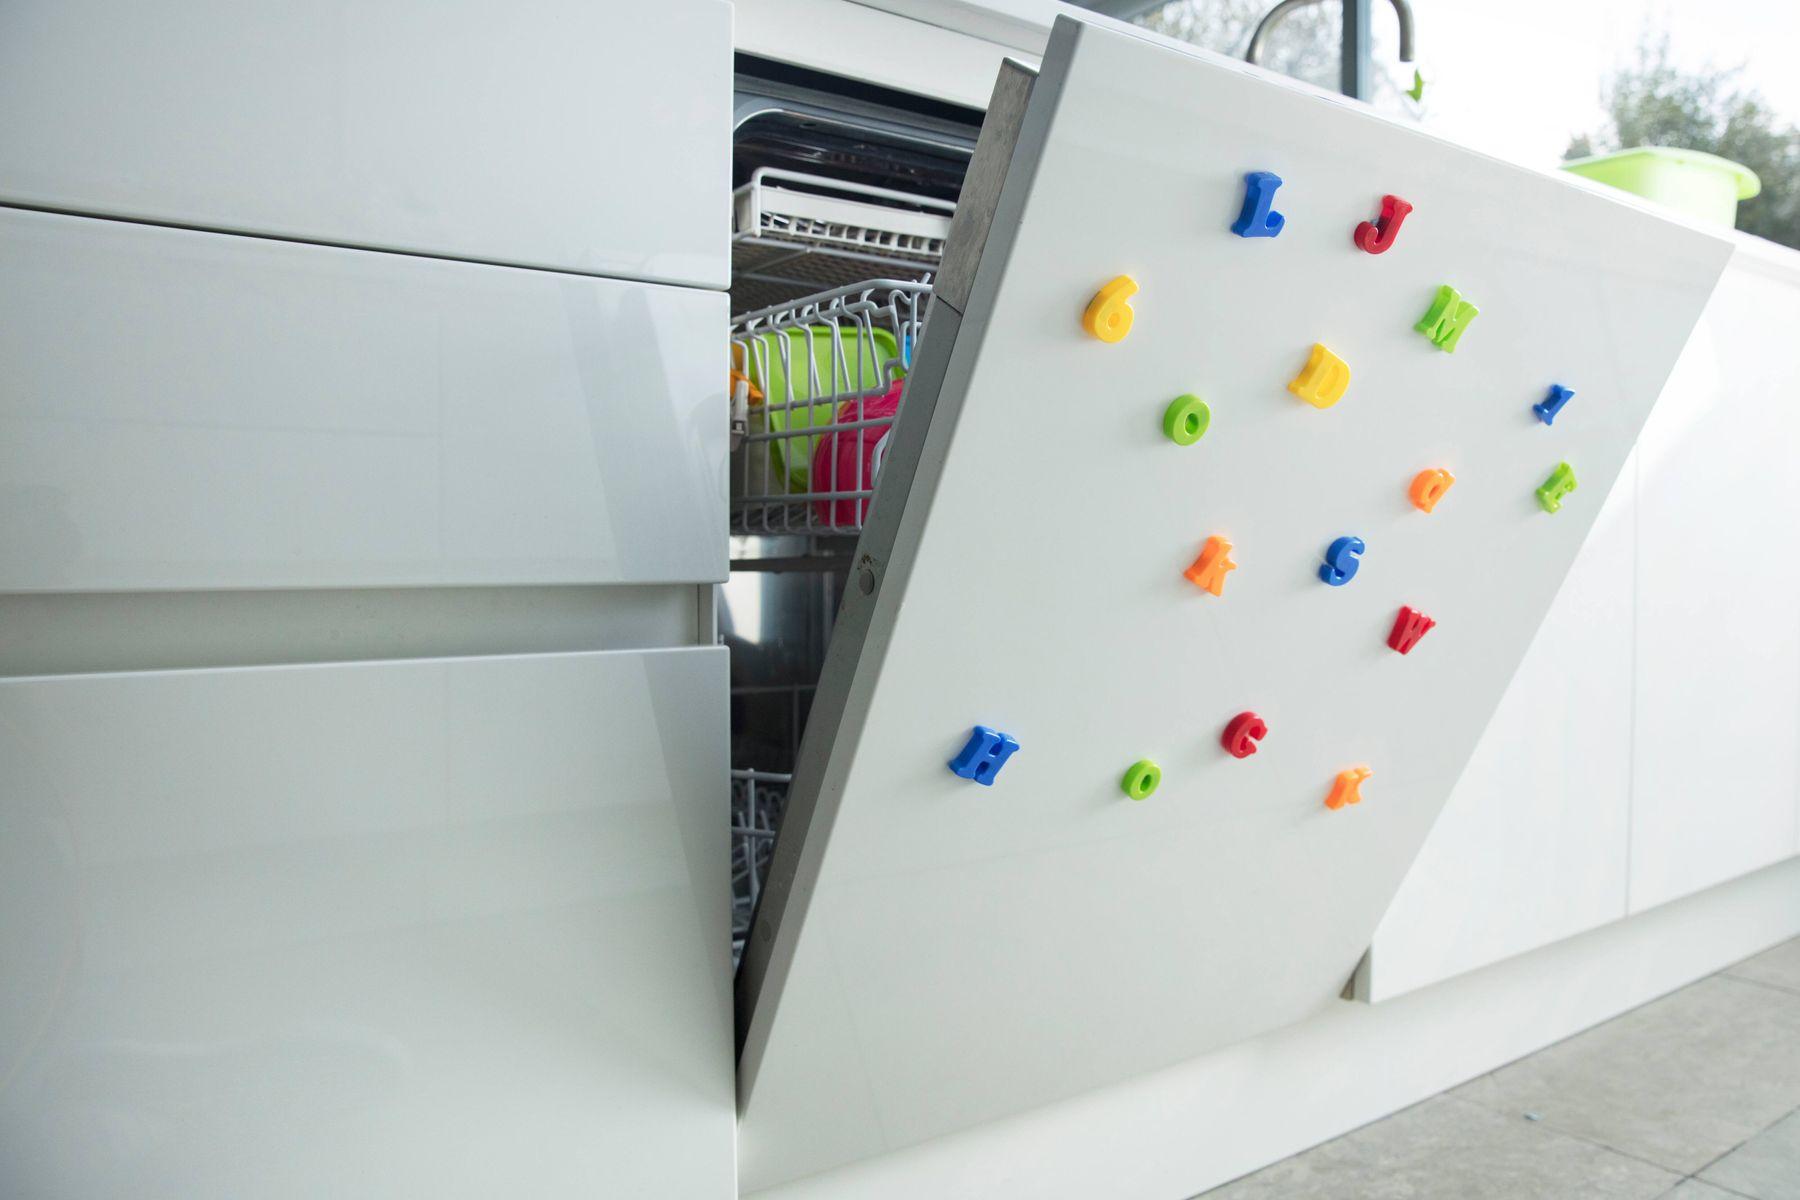 A blocked dishwasher left ajar